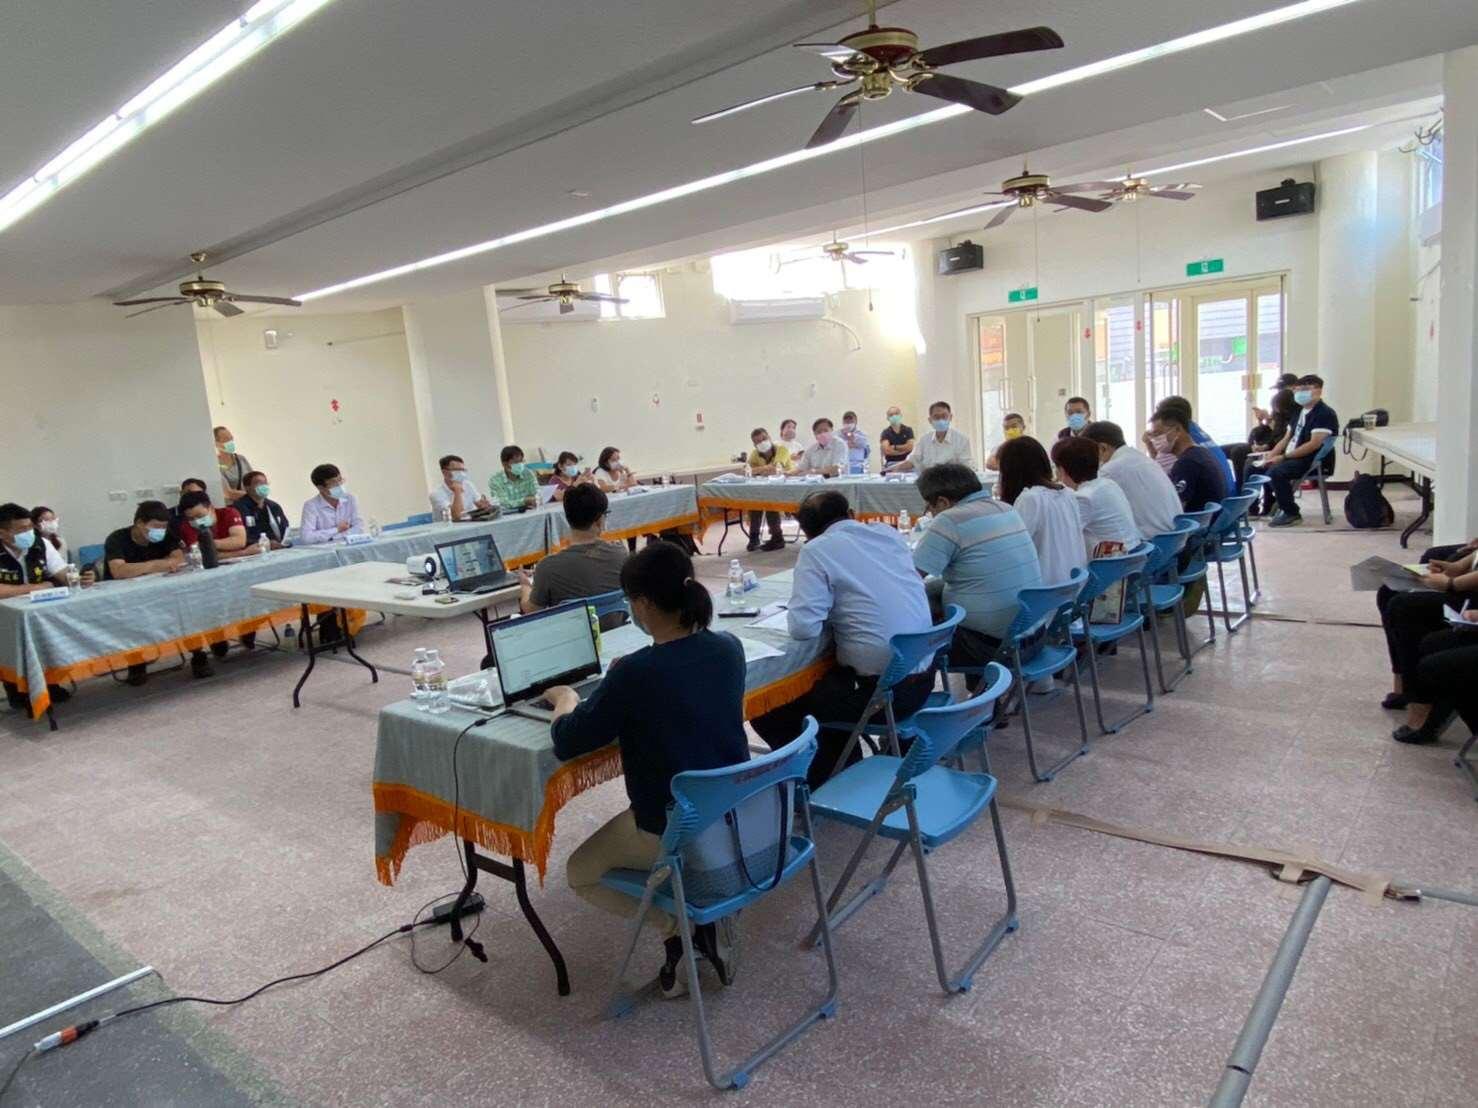 爭取國際風箏衝浪學校掛牌雲林  四湖三條崙海水浴場創生再發展3